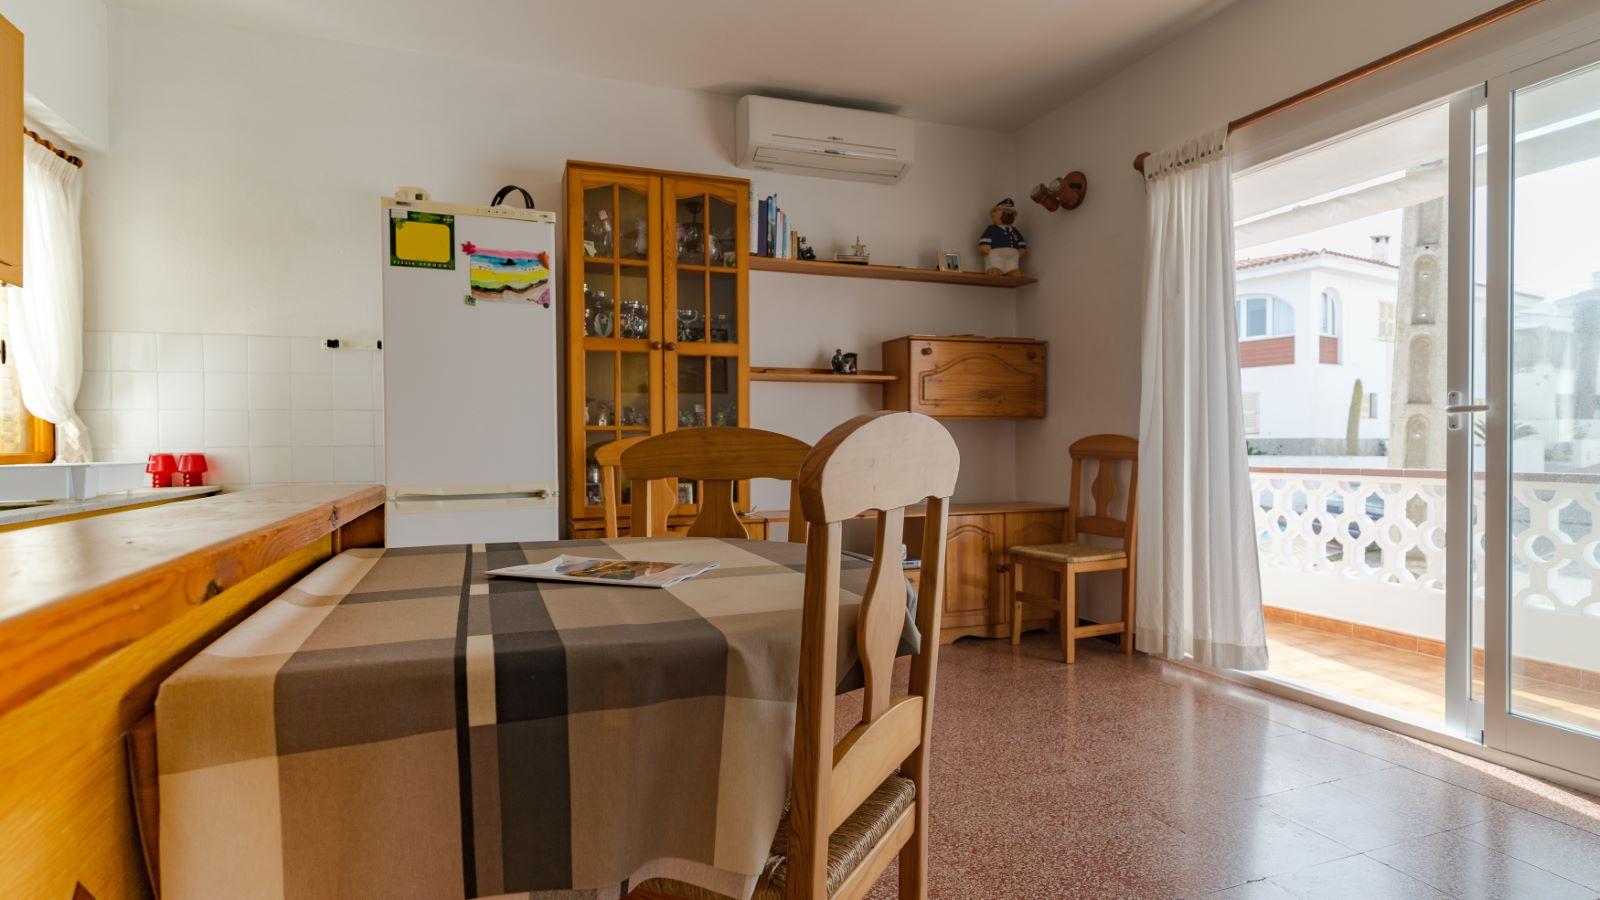 Wohnung in Es Grau Ref: V2592 3